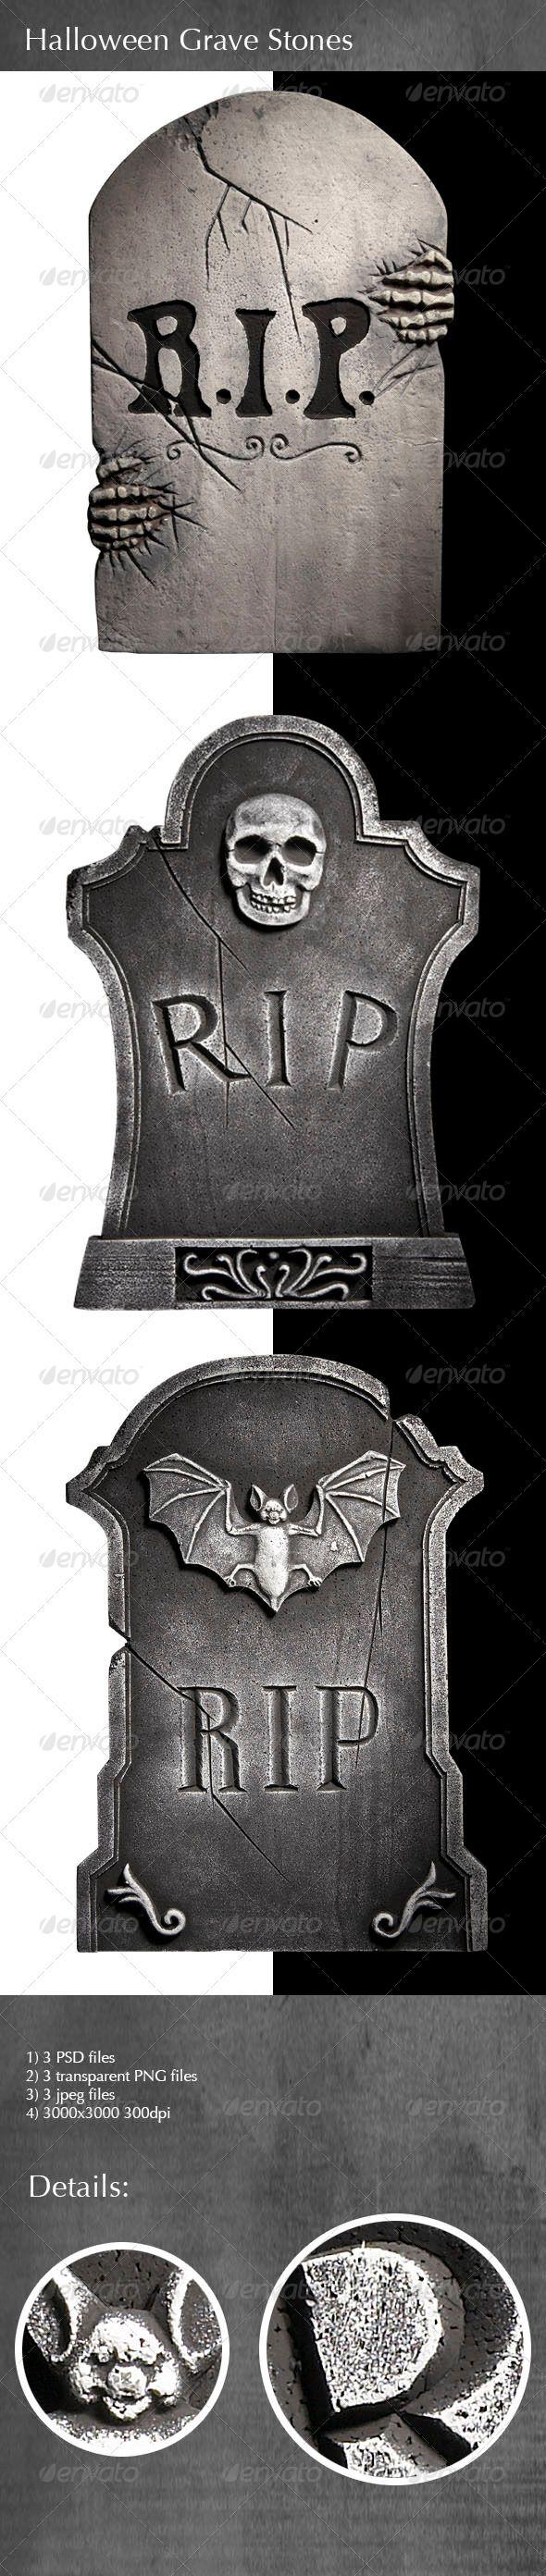 Halloween Grave Stones